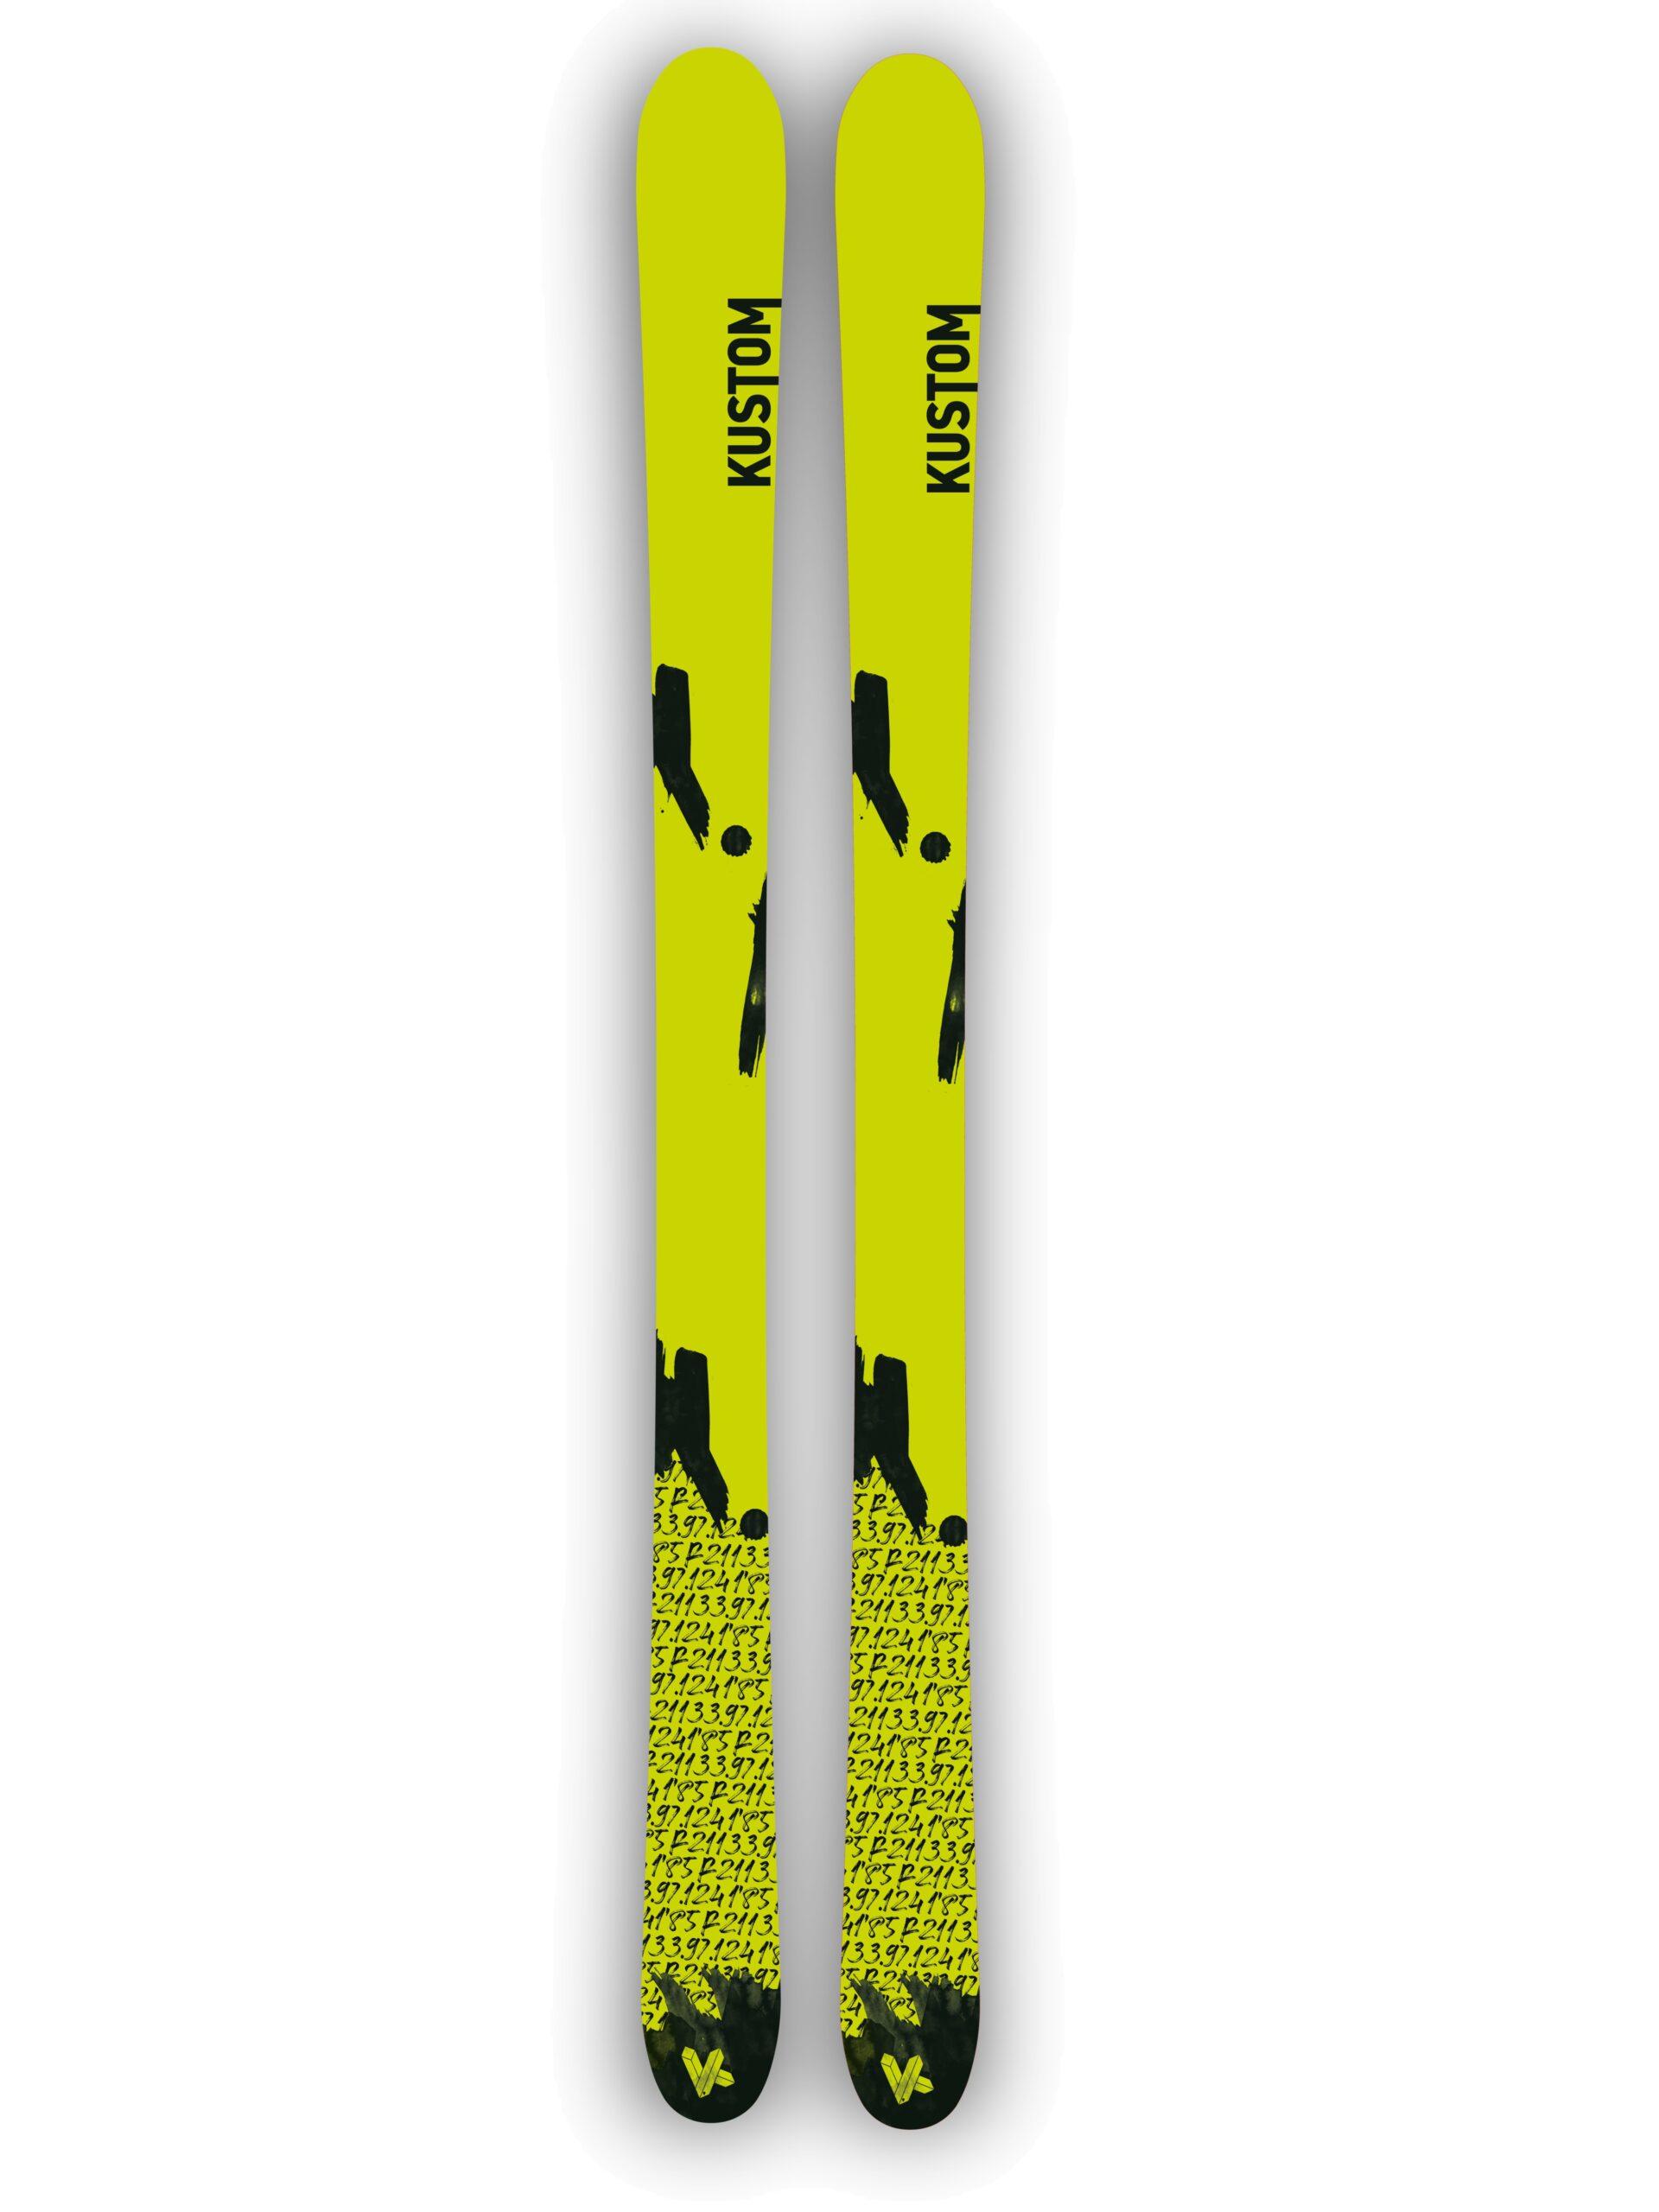 Kustom Skis esqui freestyle nueva colección KFR 02